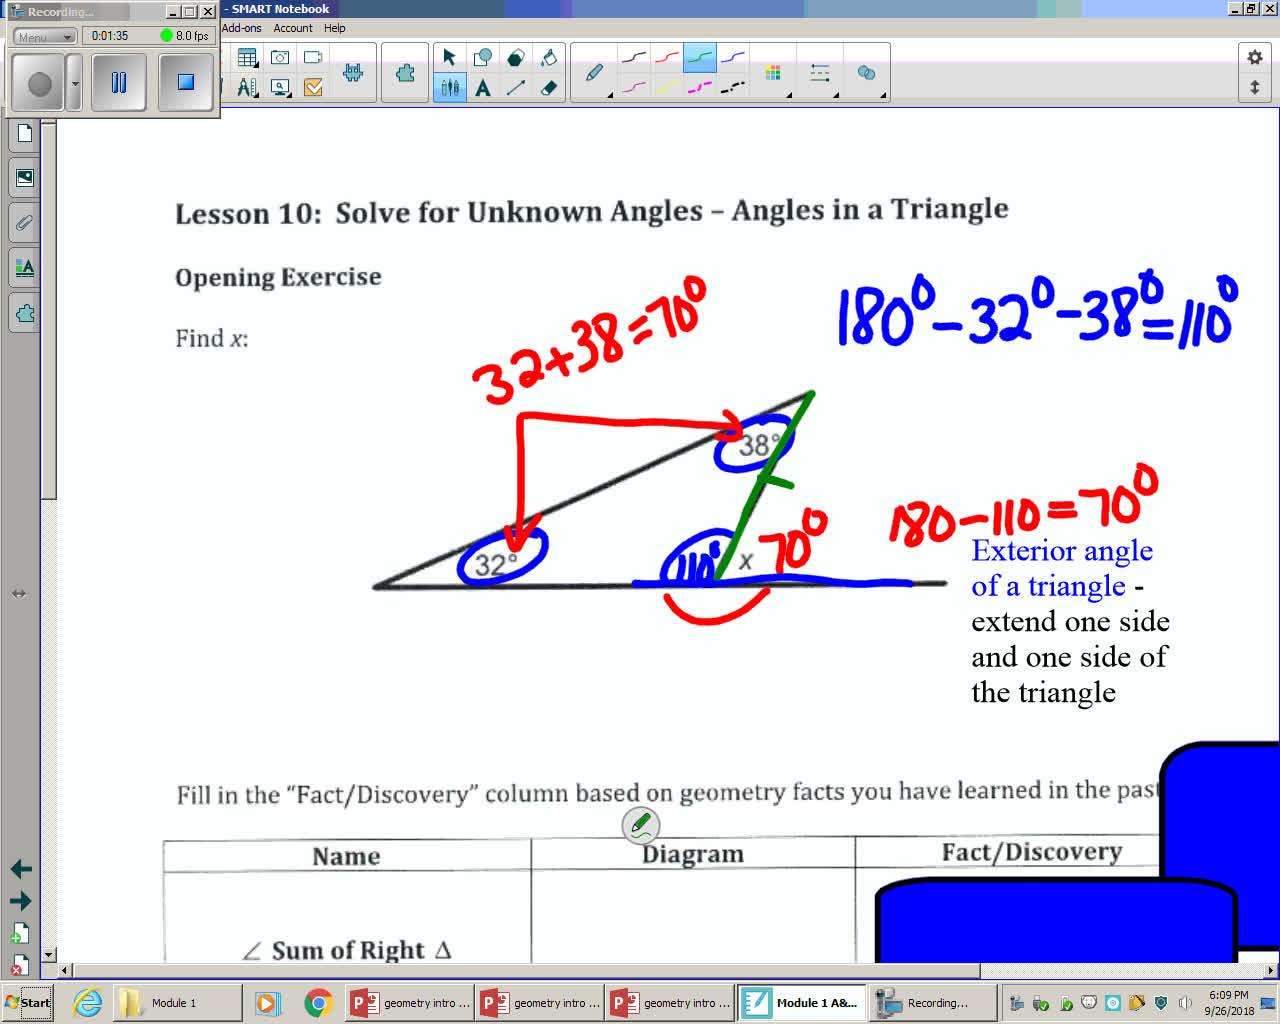 Mod 1 Lesson 10